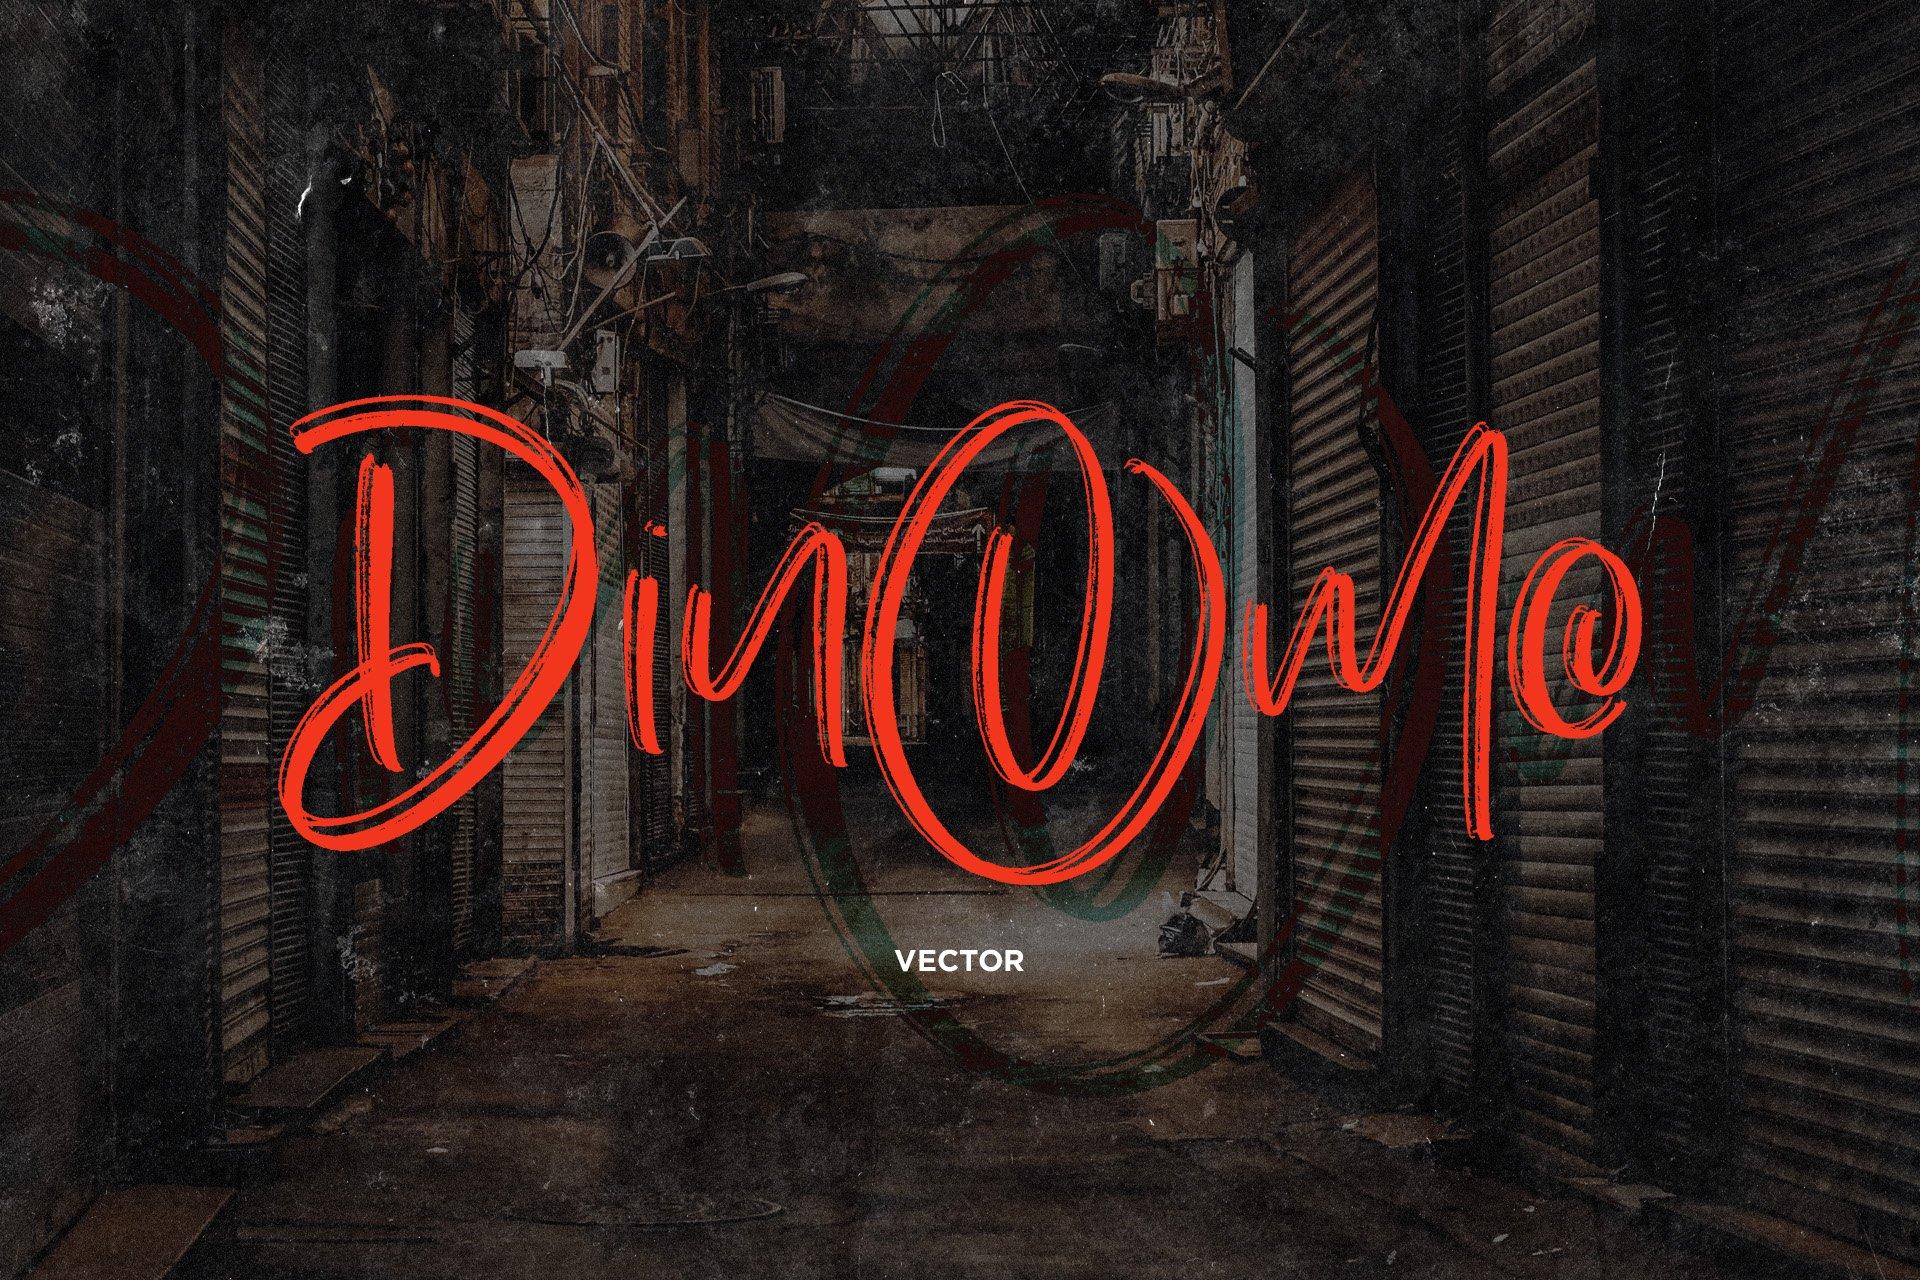 手写涂鸦书法笔刷杂志海报Logo标题英文字体设计素材 Dinomo SVG Brush Font插图1